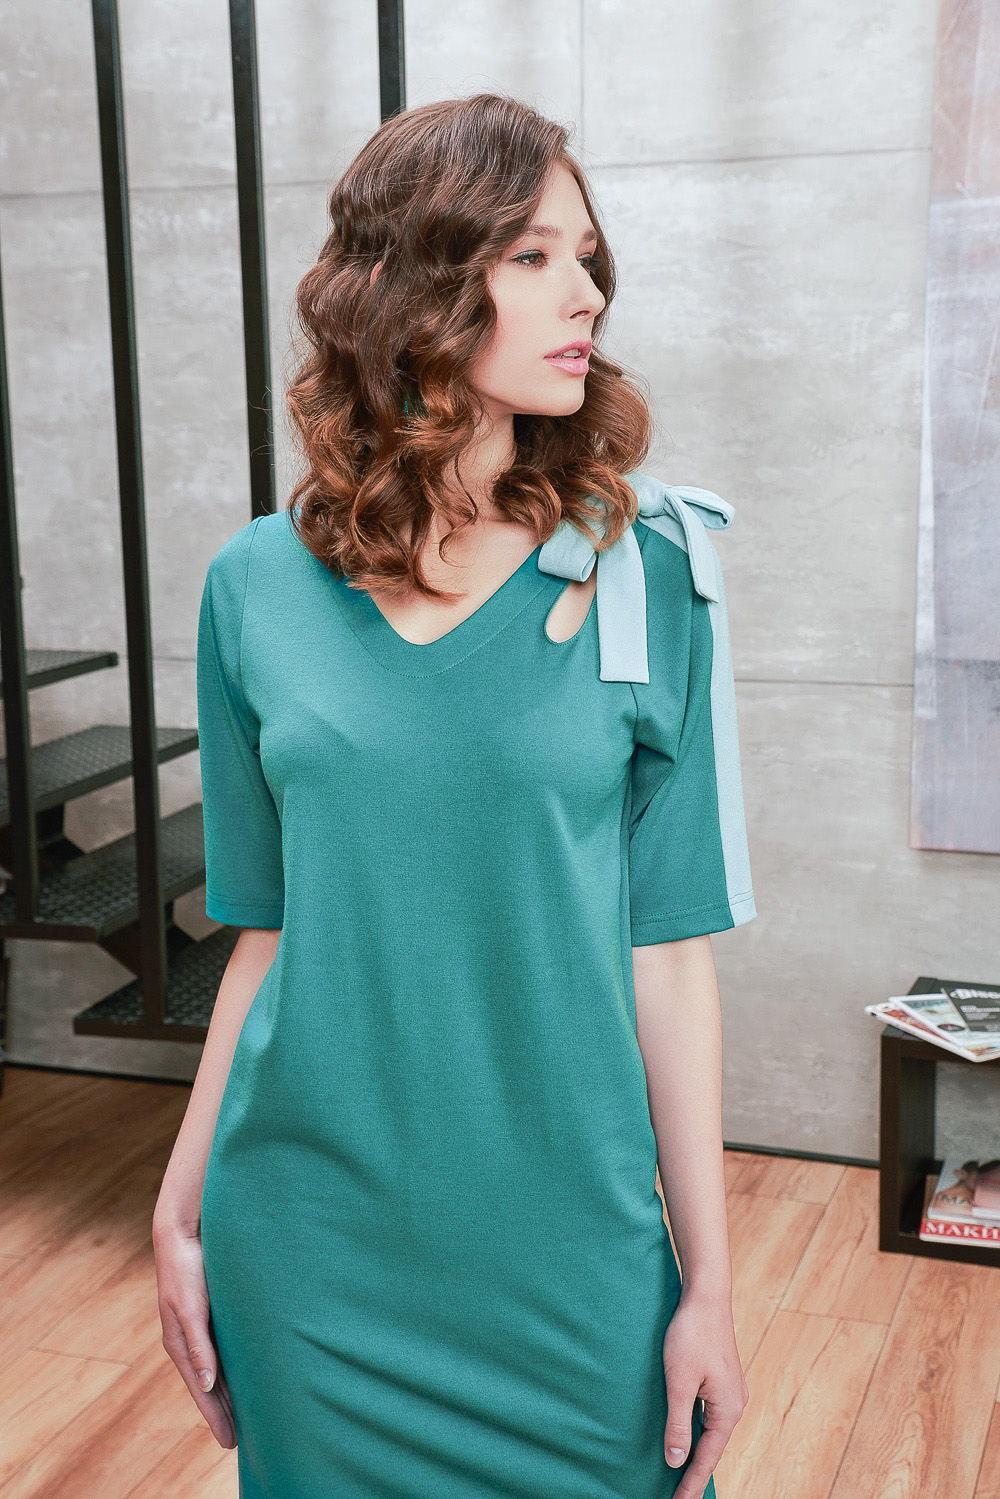 Платье З435-696 - Бирюзовое платье навивает ощущения, связанные с морскими волнами, чистым небом или легким бризом. Сочный насыщенный однотонный цвет платья вызывает чувство беззаботности, радости и расслабления.Великолепно разбавляет бирюзу светло-голубая вставка на левом плече, которая переходит в завязывающиеся элементы. Привлекает внимание каплевидные вырезы на левом плече со стороны полочки и спинки.Полуприлегающий покрой универсально подойдет многим женщинам любого возраста. Прямое платье отличает лаконичный и минималистичный дизайн.Бирюзовое платье великолепно украсит ваш образ и создаст яркое оживленное настроение